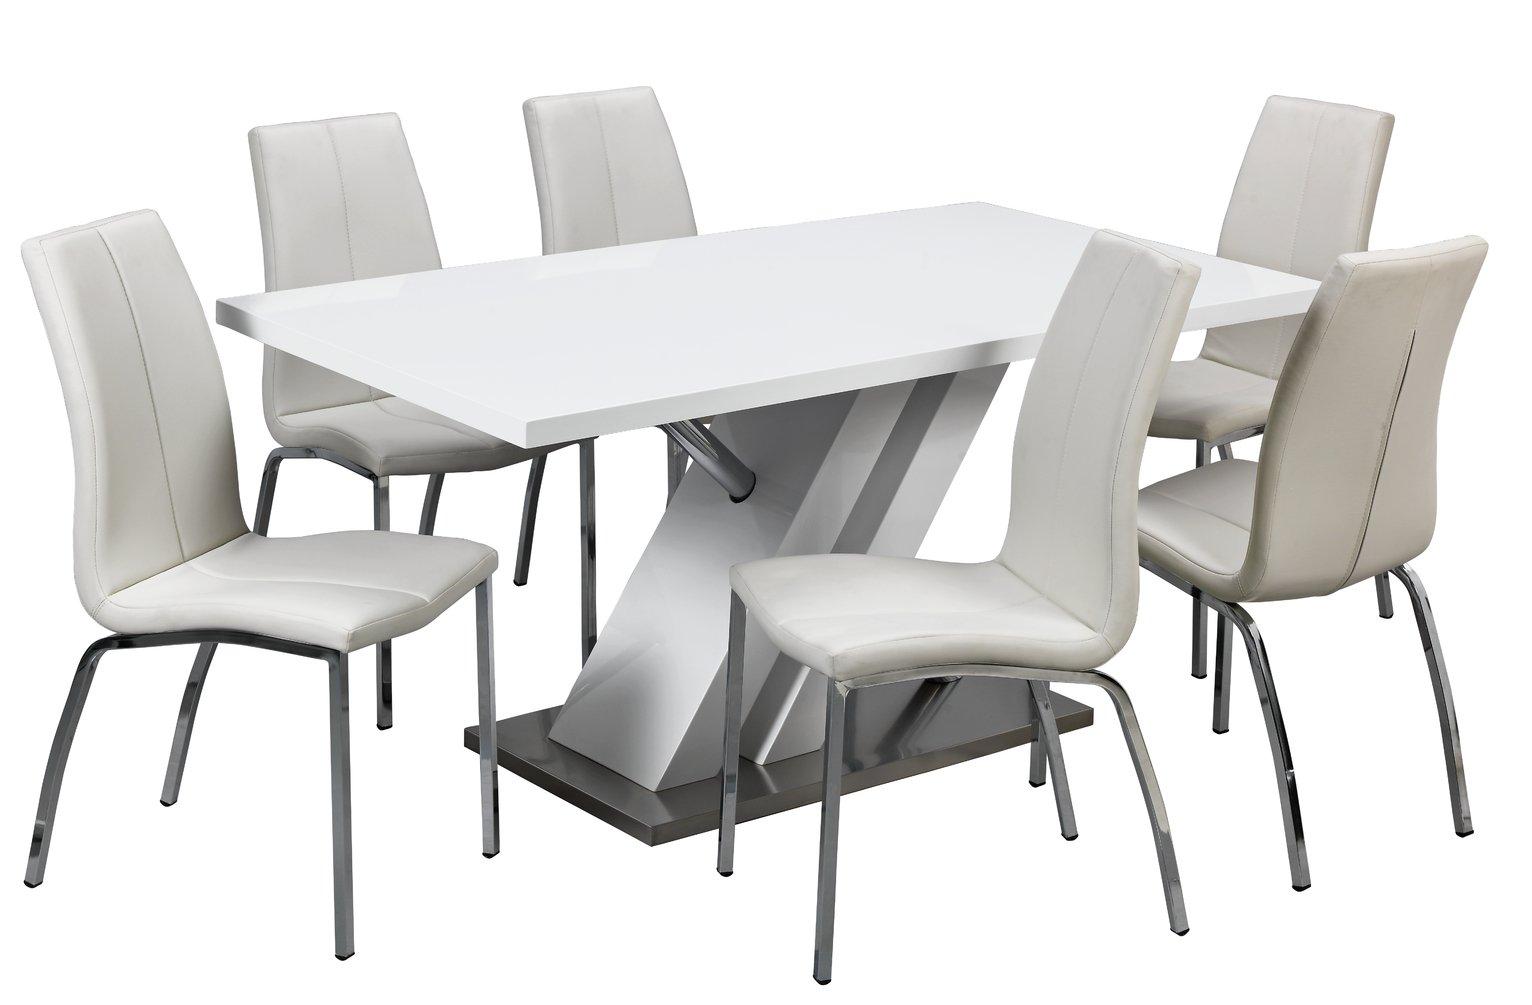 172 & Buy Argos Home Belvoir White Gloss Dining Table \u0026 6 White Chairs | Dining table and chair sets | Argos